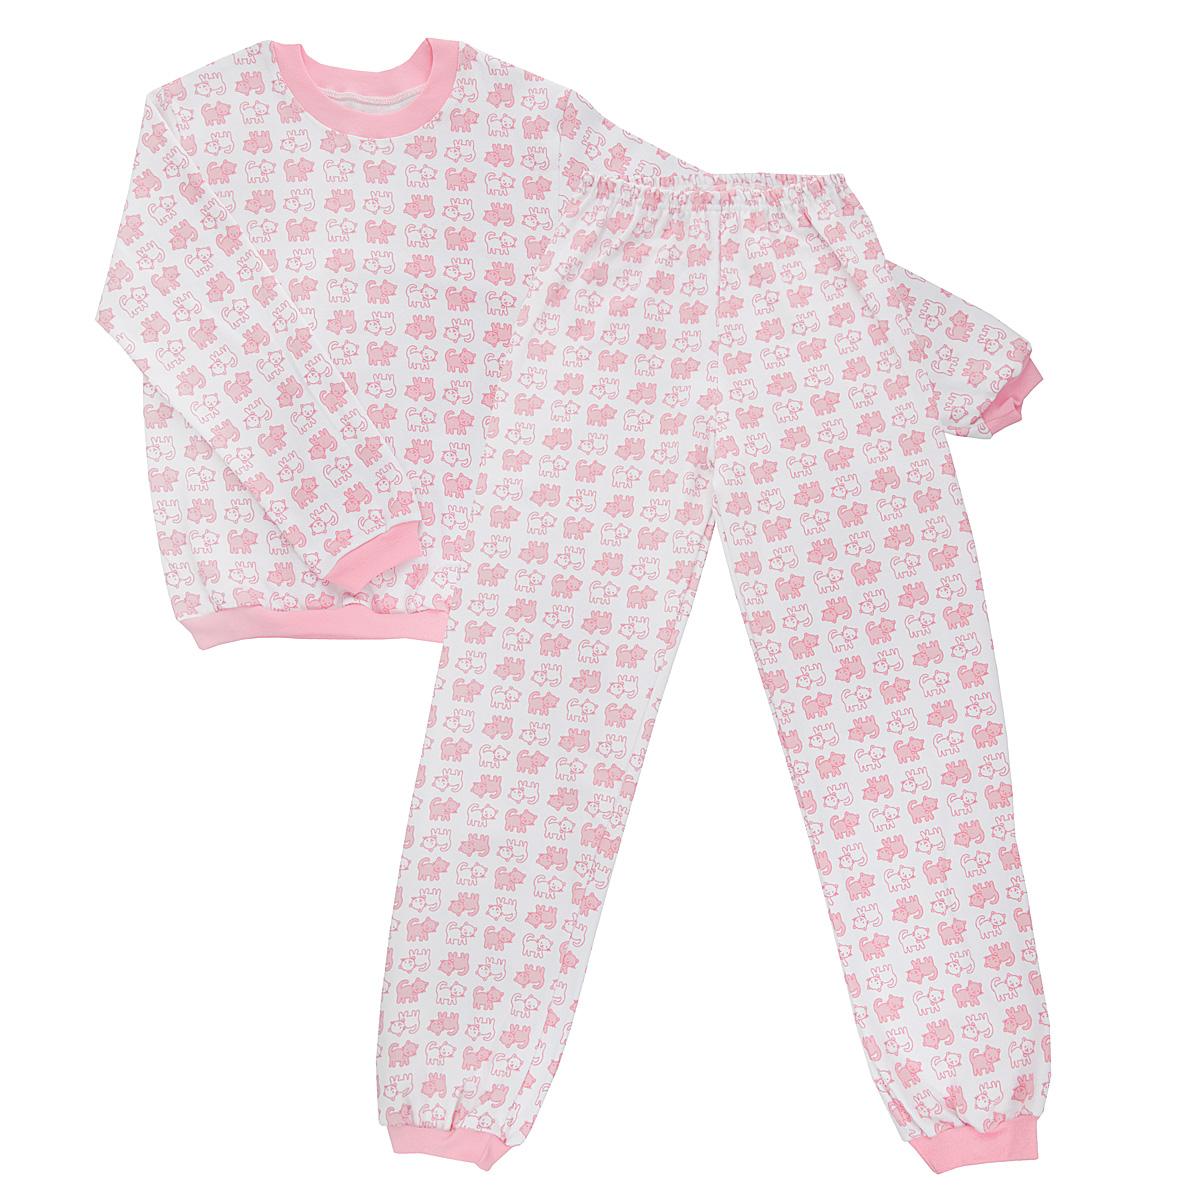 Пижама5555_котенокУютная детская пижама Трон-плюс, состоящая из джемпера и брюк, идеально подойдет вашему ребенку и станет отличным дополнением к детскому гардеробу. Изготовленная из интерлока, она необычайно мягкая и легкая, не сковывает движения, позволяет коже дышать и не раздражает даже самую нежную и чувствительную кожу ребенка. Трикотажный джемпер с длинными рукавами имеет круглый вырез горловины. Низ изделия, рукава и вырез горловины дополнены эластичной трикотажной резинкой контрастного цвета. Брюки на талии имеют эластичную резинку, благодаря чему не сдавливают живот ребенка и не сползают. Низ брючин дополнен широкими эластичными манжетами контрастного цвета. Оформлено изделие оригинальным принтом с изображением котят. В такой пижаме ваш ребенок будет чувствовать себя комфортно и уютно во время сна.